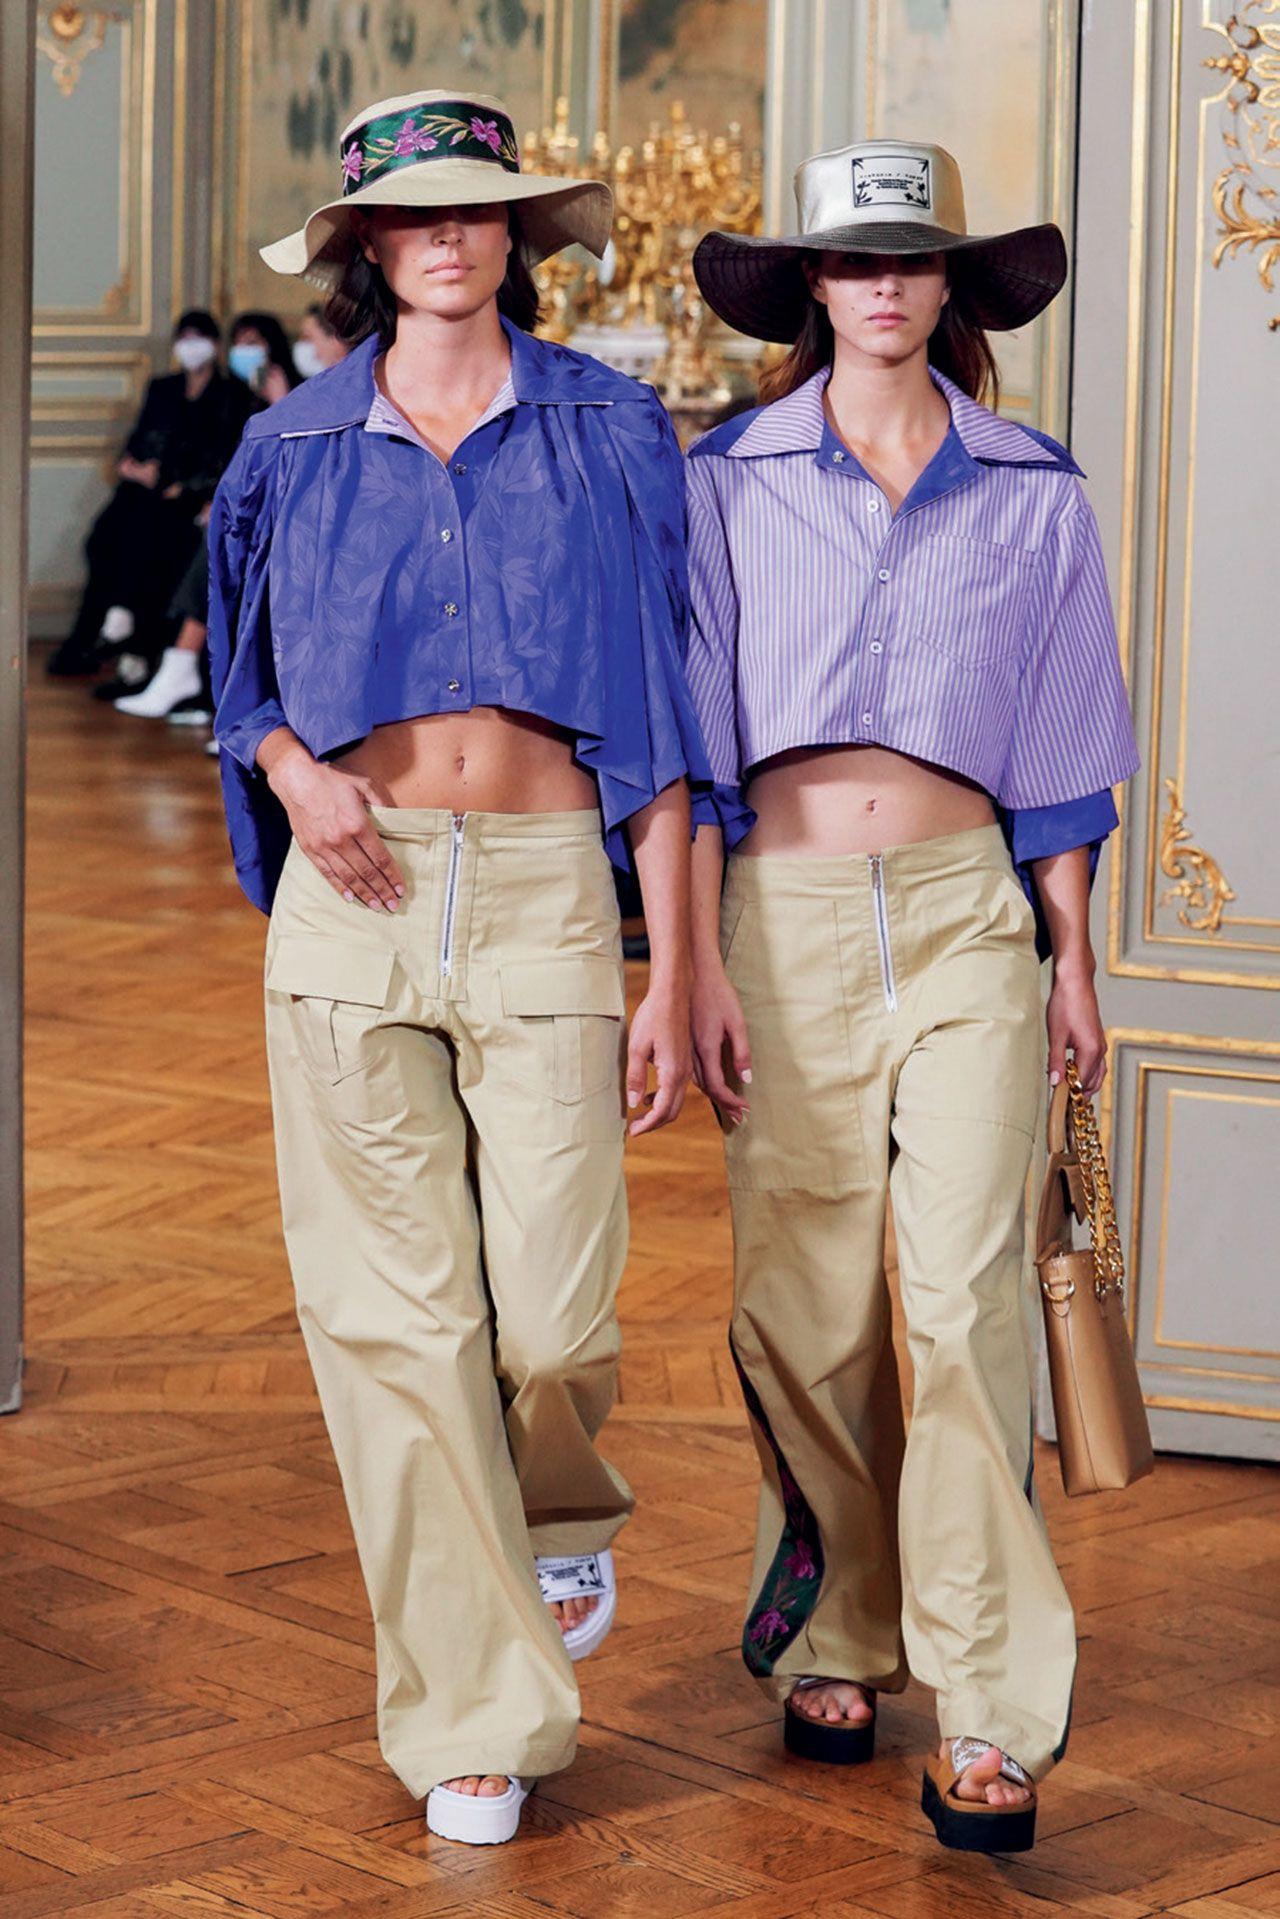 2021 ilkbahar yaz moda trendleri: Yeni sezona giriş yapıyoruz - Sayfa 2